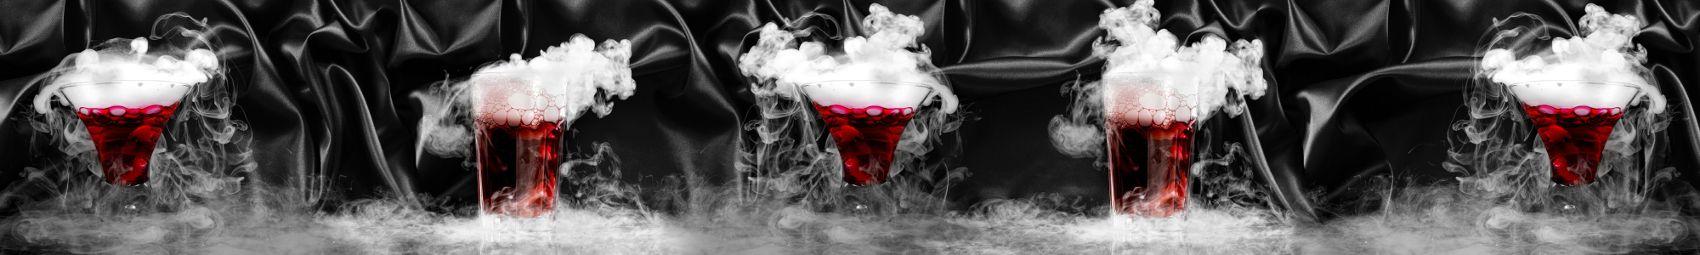 Красные напитки с паром